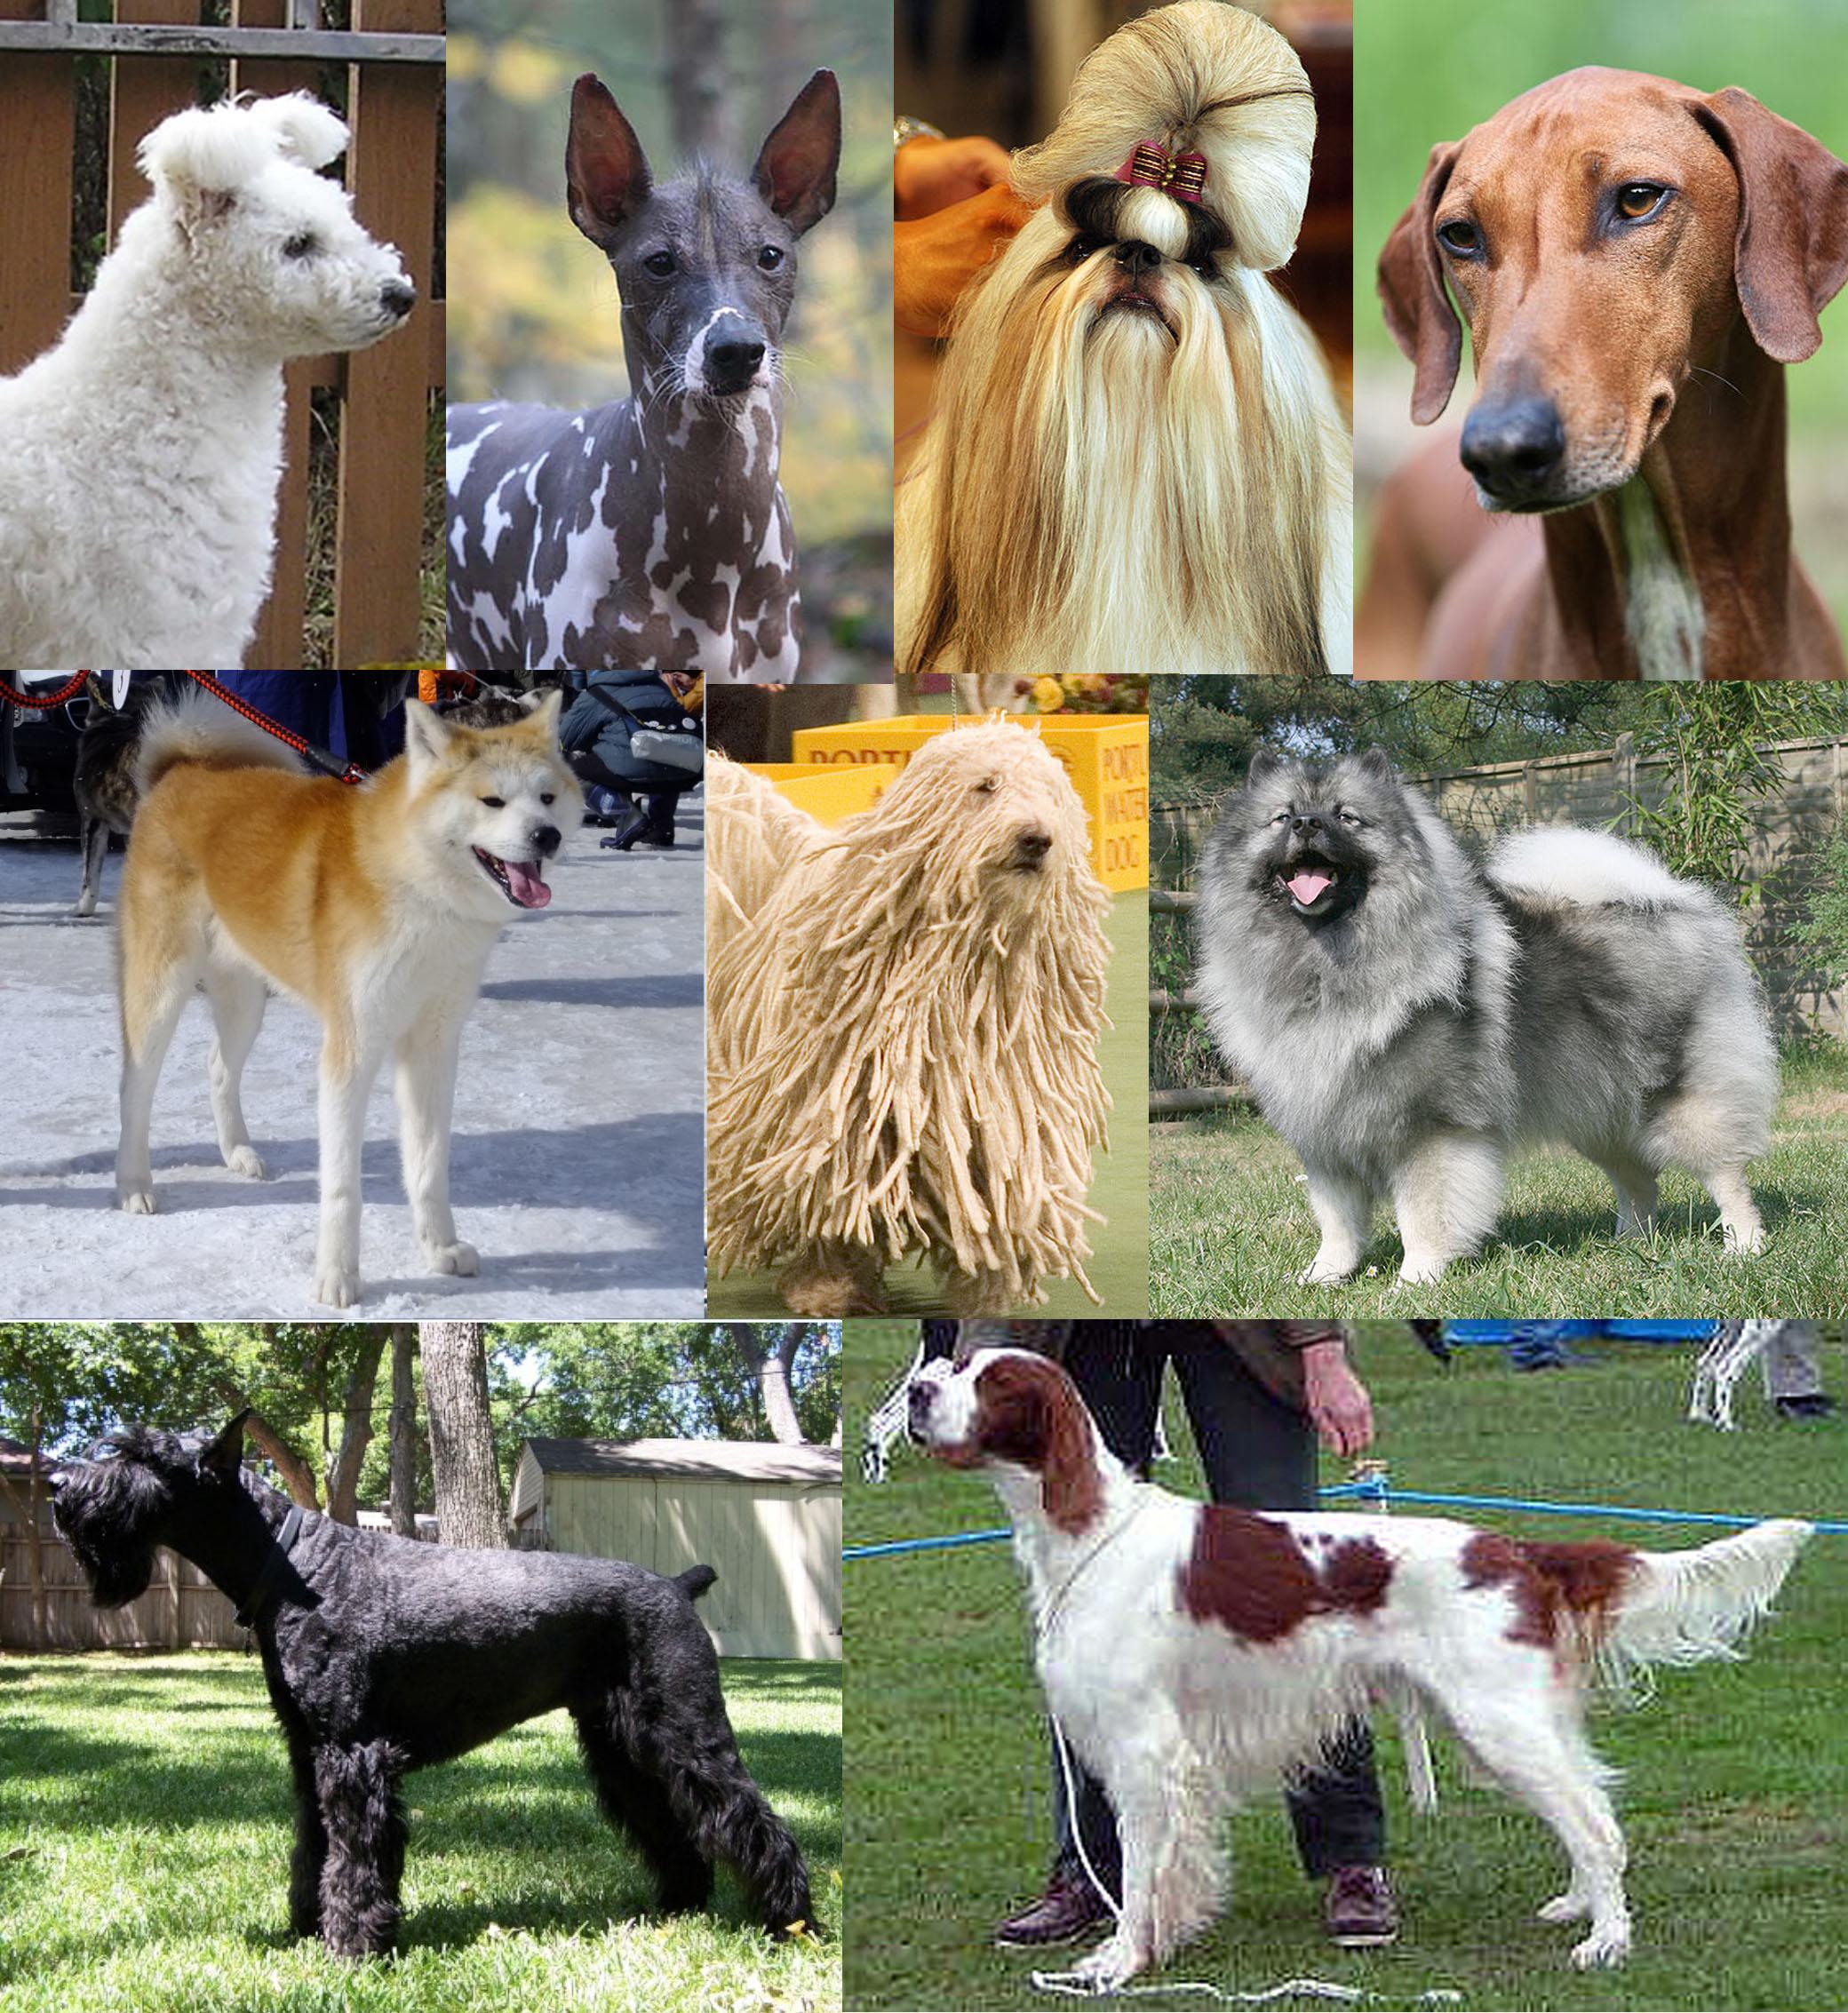 Depiction of Canis lupus familiaris